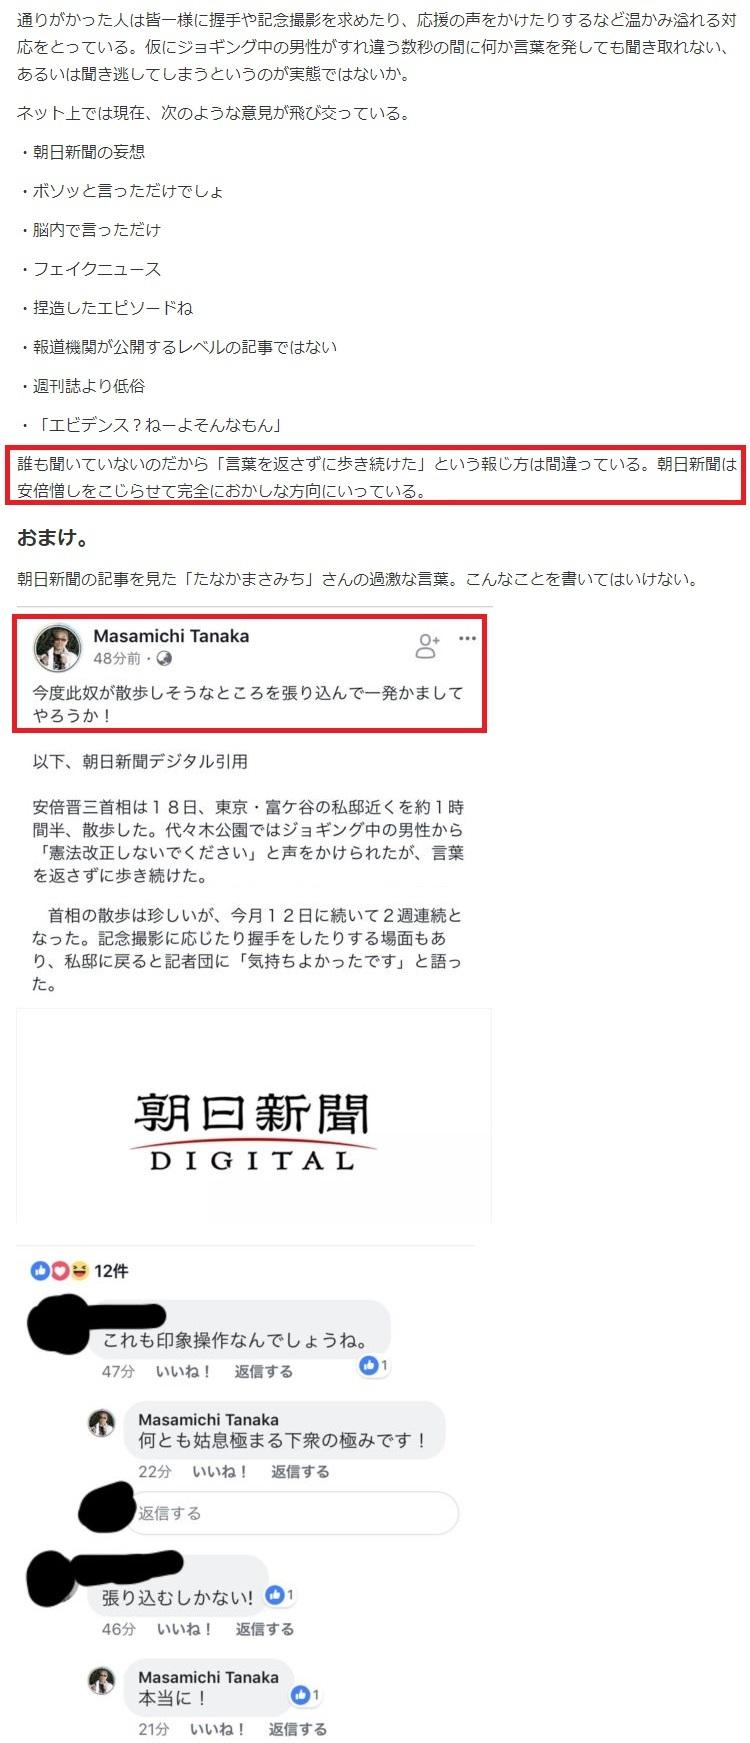 チョウニチ新聞がまた捏造記事2